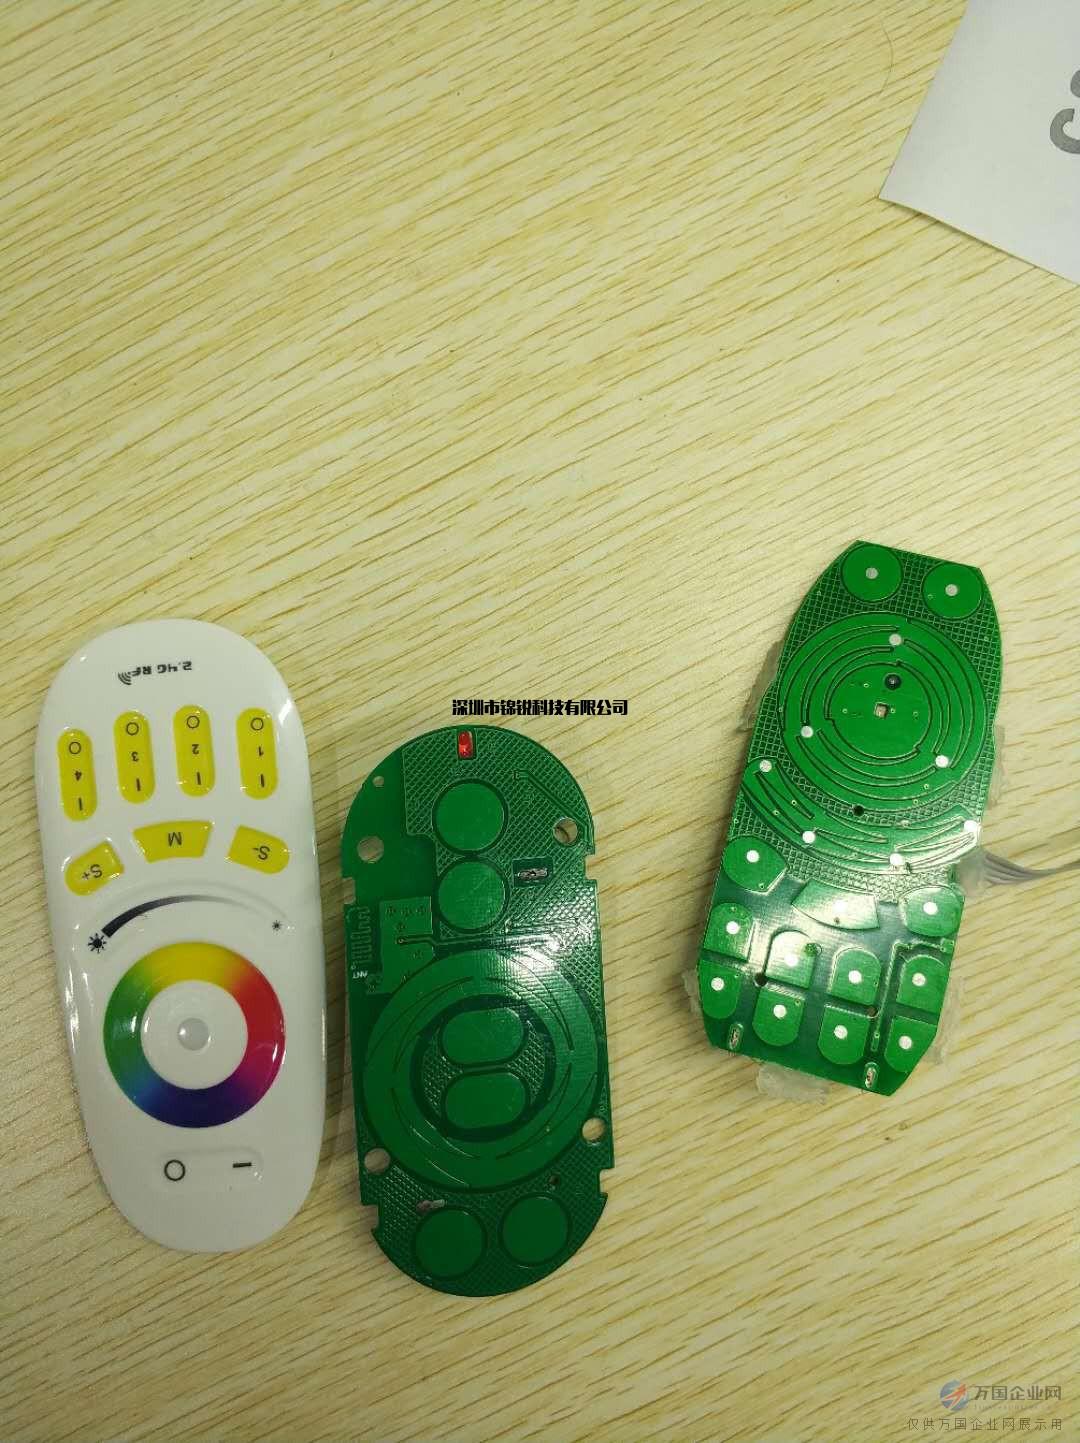 原厂供应触摸IC 触摸感应IC 滑调触摸IC 组合触摸按键